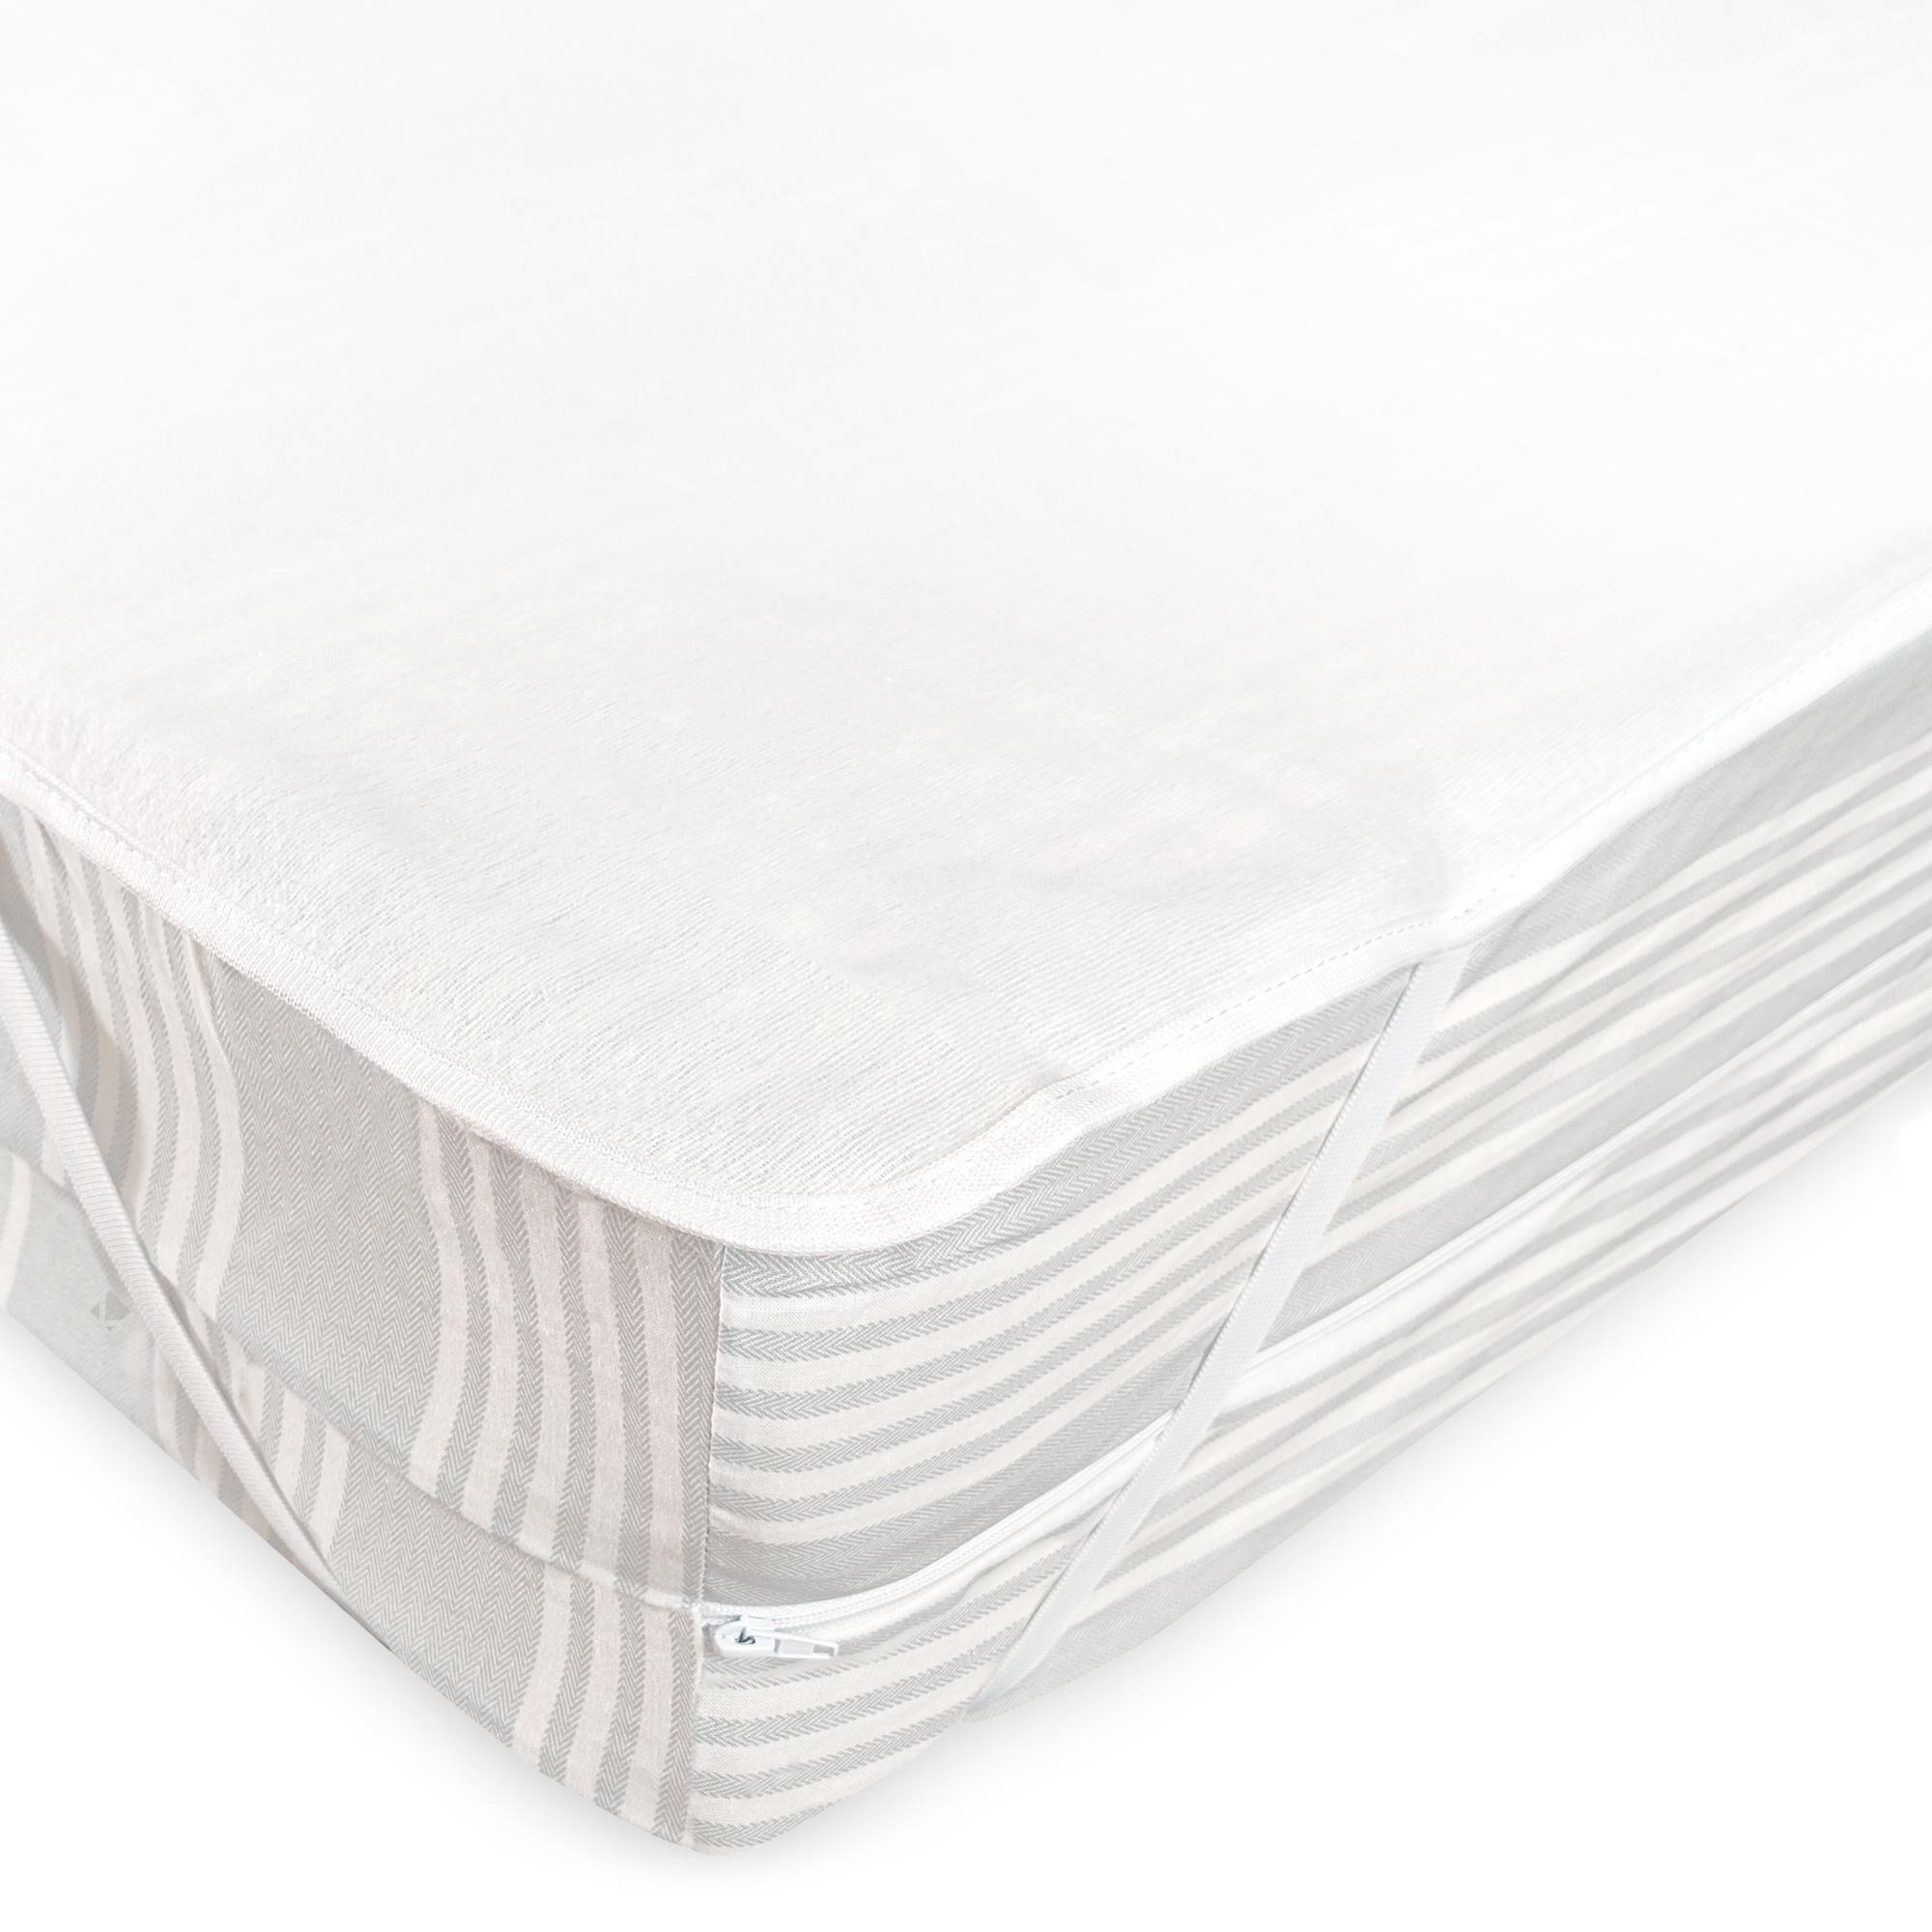 Linnea Alèse plate imperméable 90x190 cm ARNON molleton 100% coton contrecollé polyuréthane